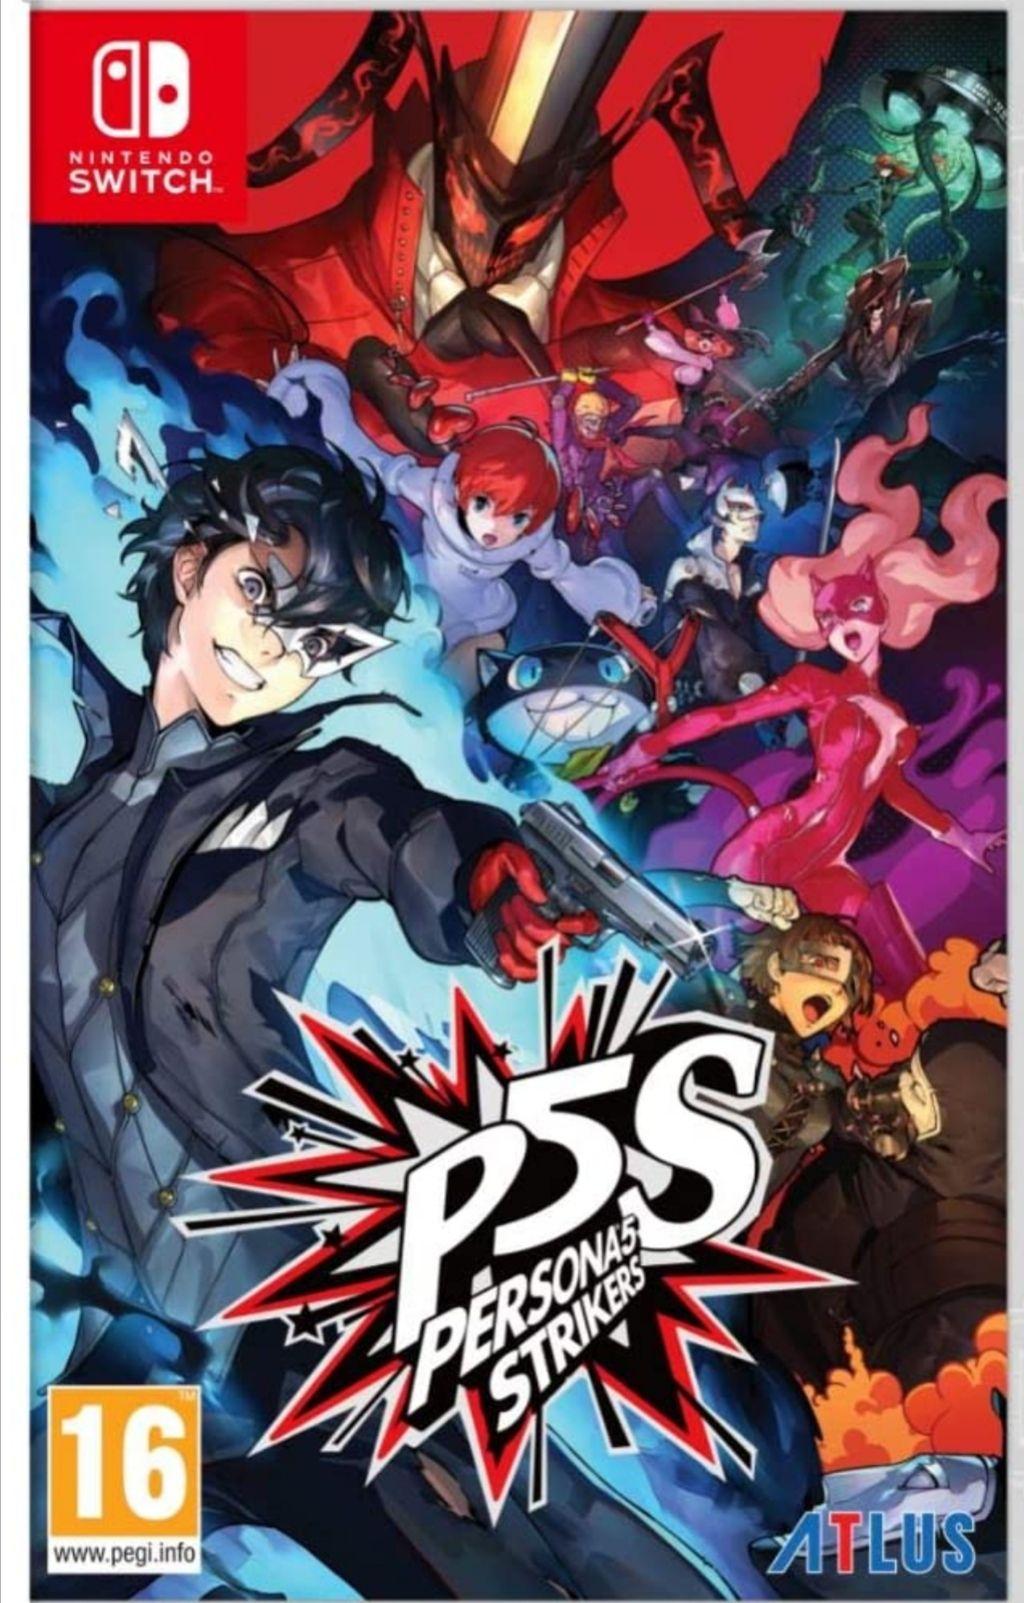 Persona 5 Strikers - Editión Limitada Nintendo Switch / PS4